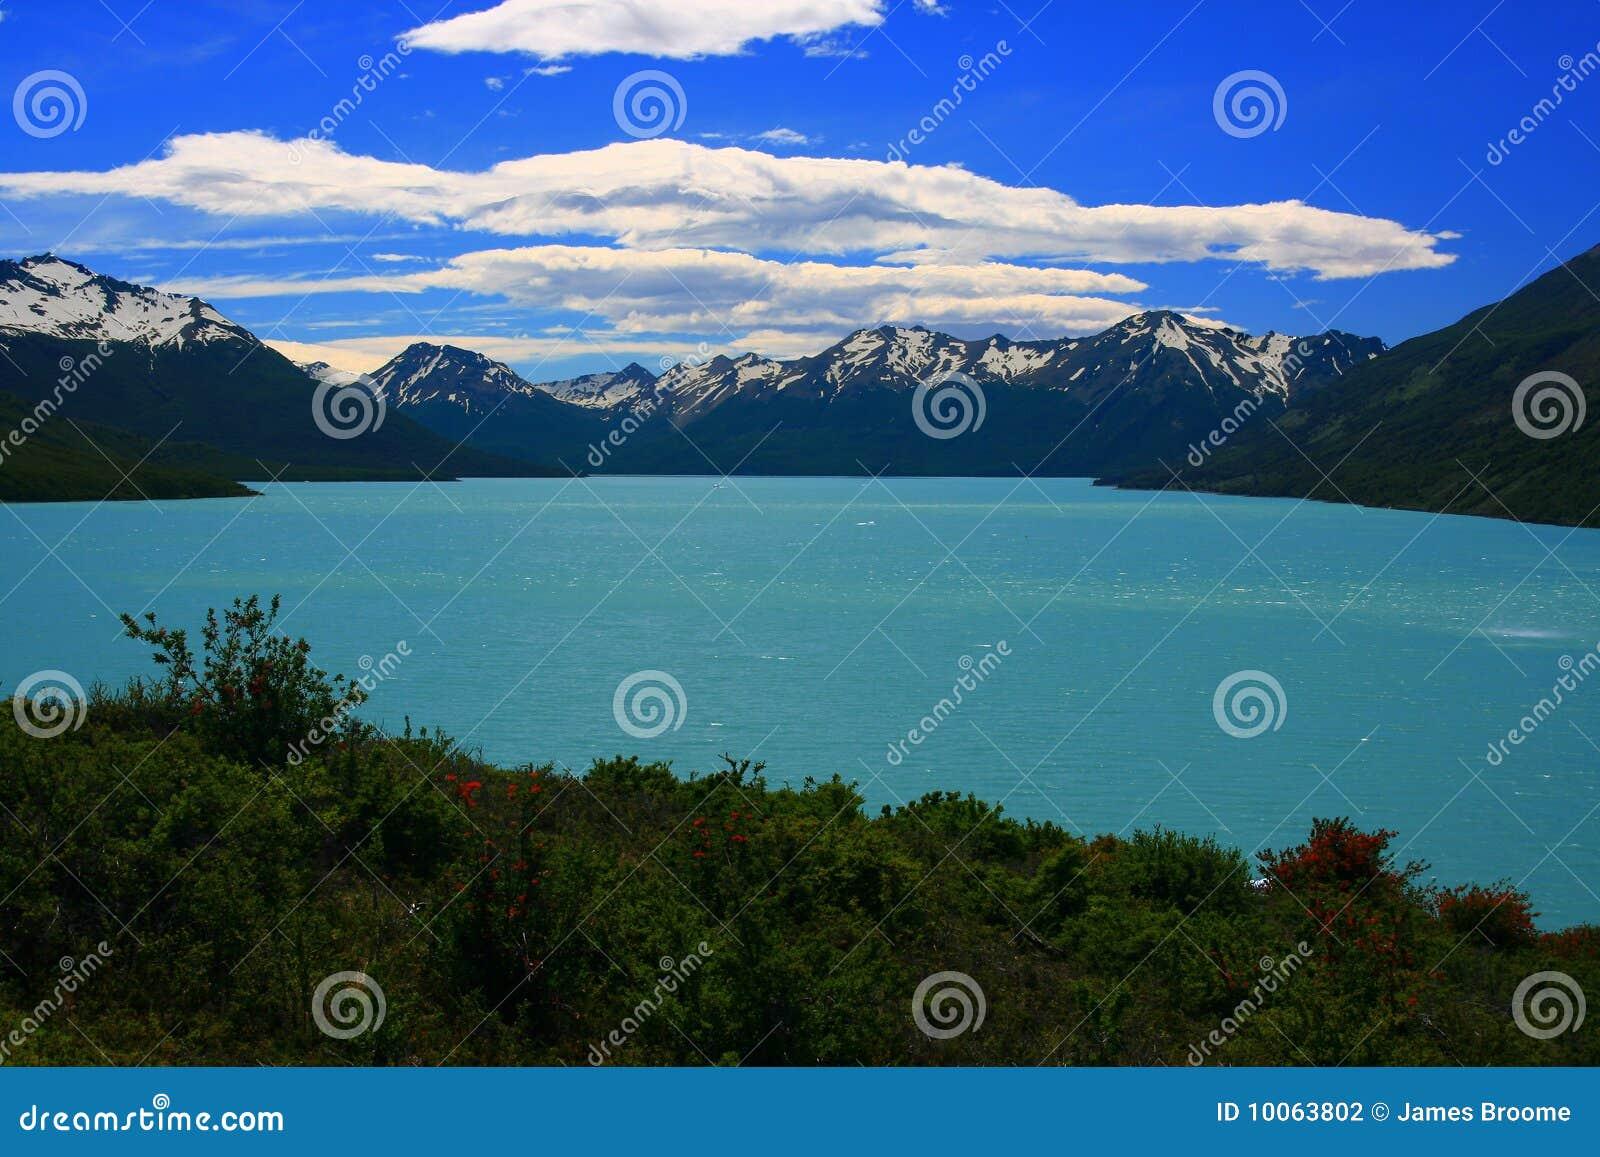 Lago Argentino, Argentina